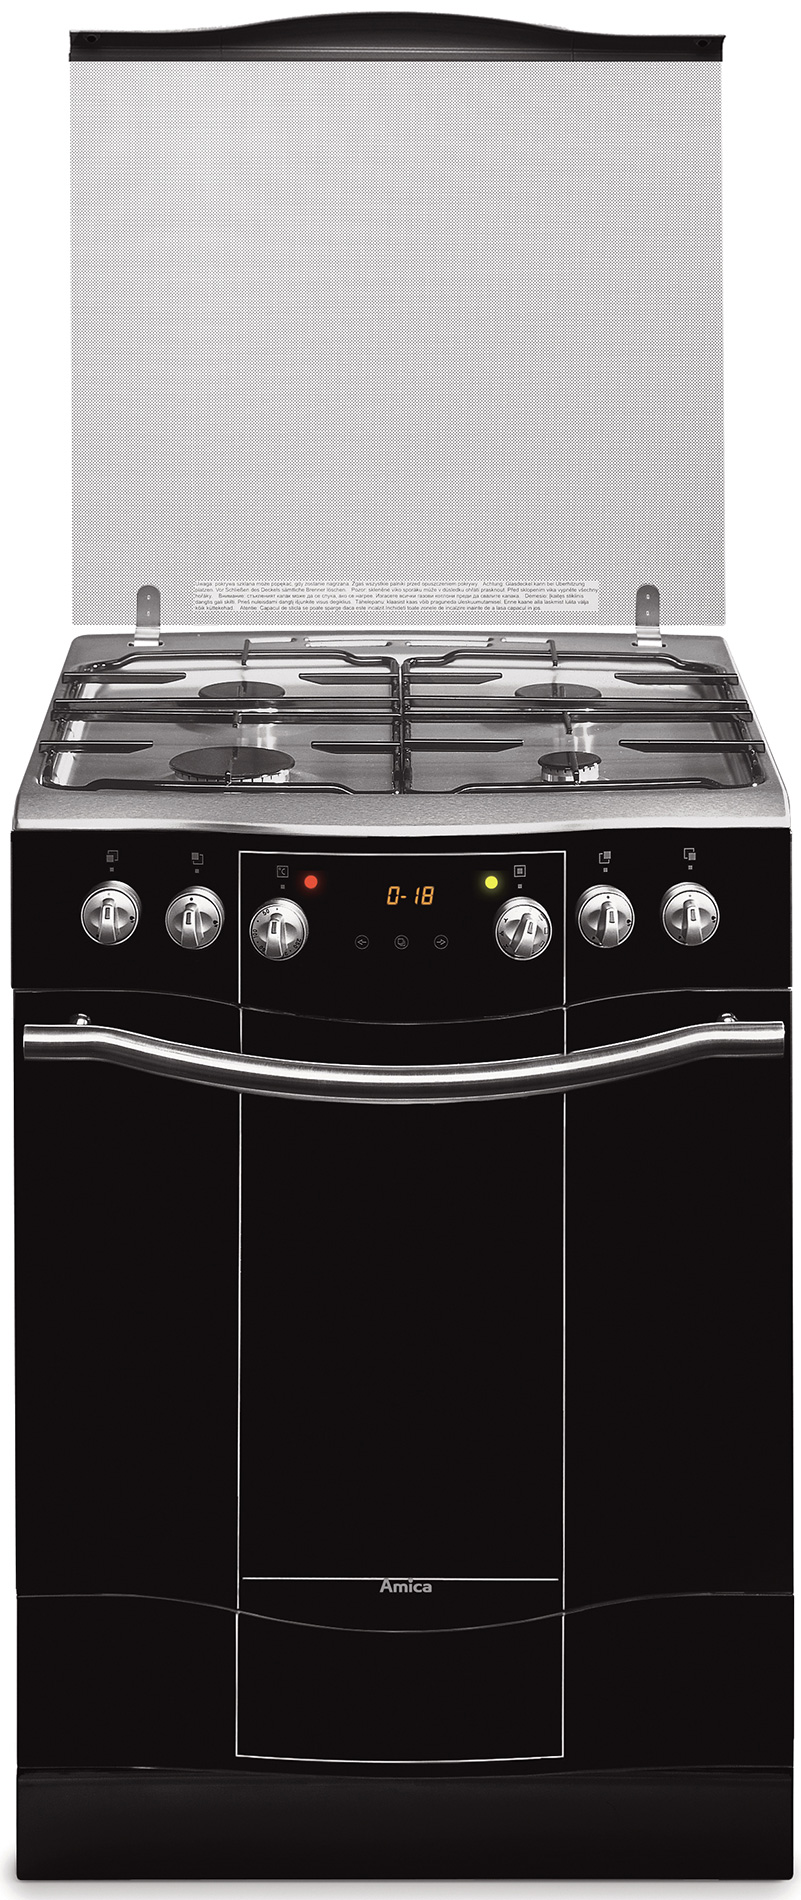 Kuchnia wolnostojąca gazowo elektryczna Impression 608GE3 33ZpTsNQ(XL)  Amica -> Kuchnie Elektryczne Indukcyjne Wolnostojące